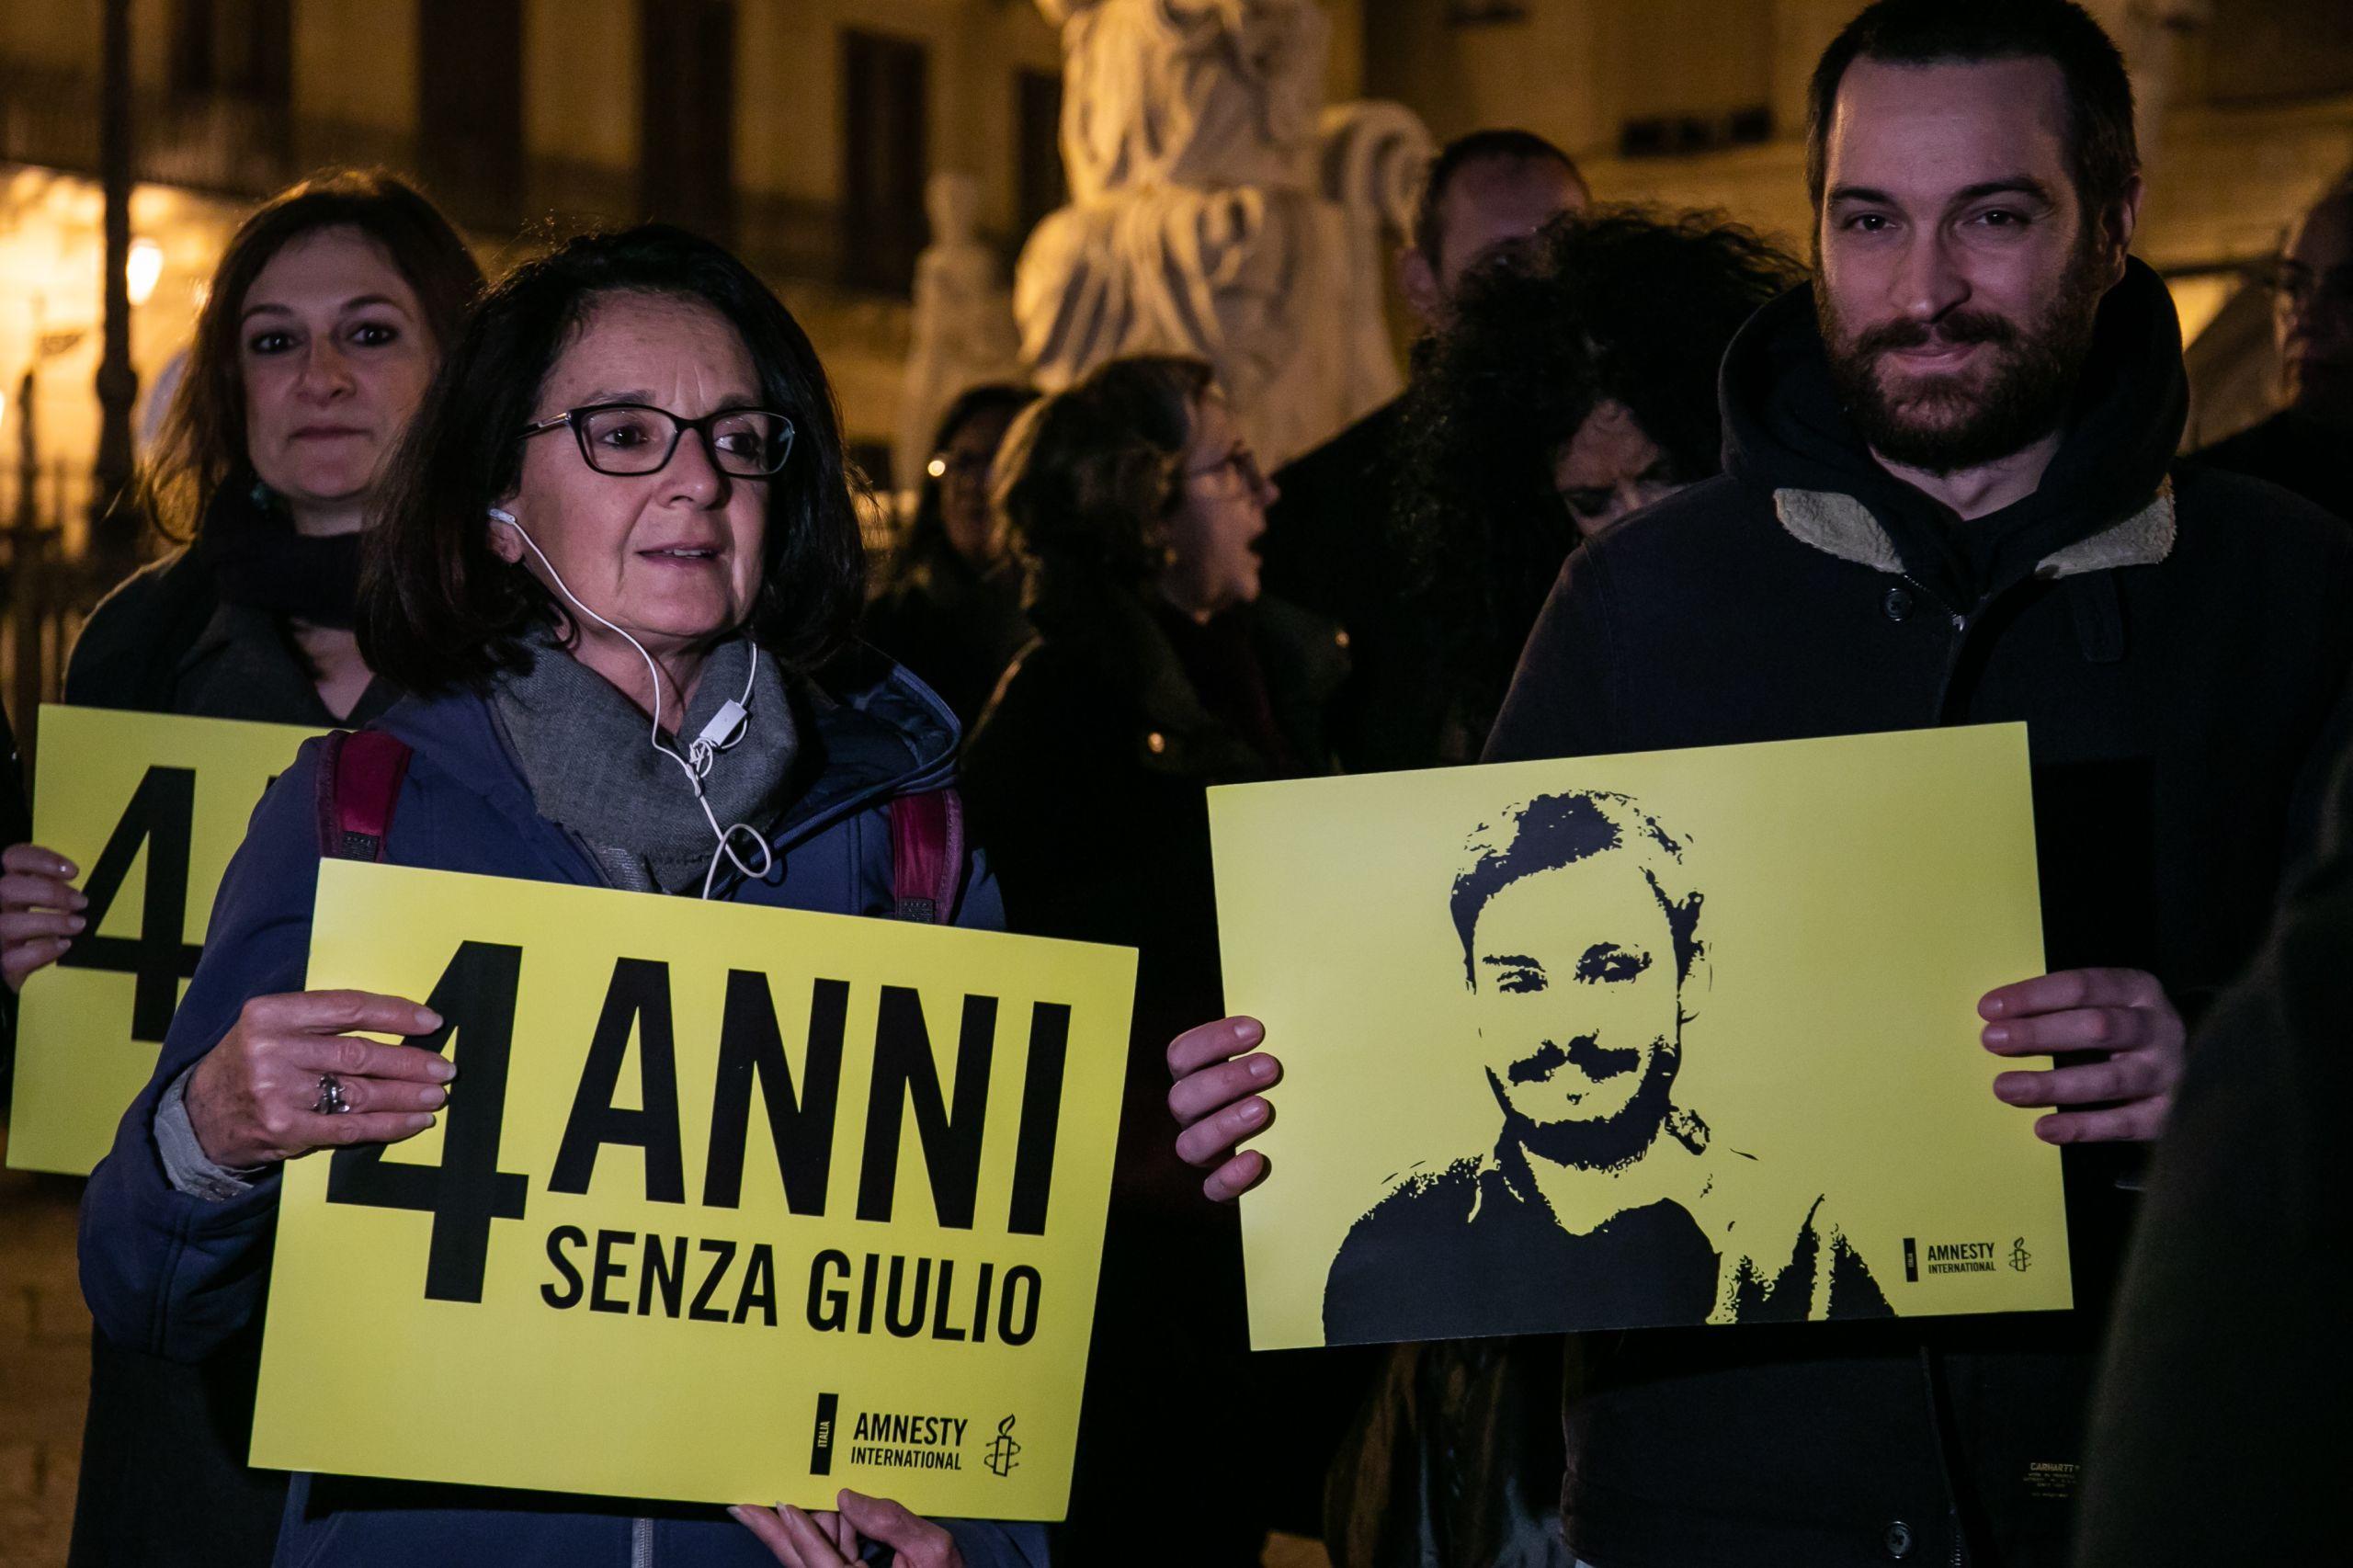 وقفة احتجاجية فى روما للمطالبة بالكشف عن قتلة ريجيني بعد مرور 4 سنوات على مقتله بمصر ( خدمة غيتي للصور)